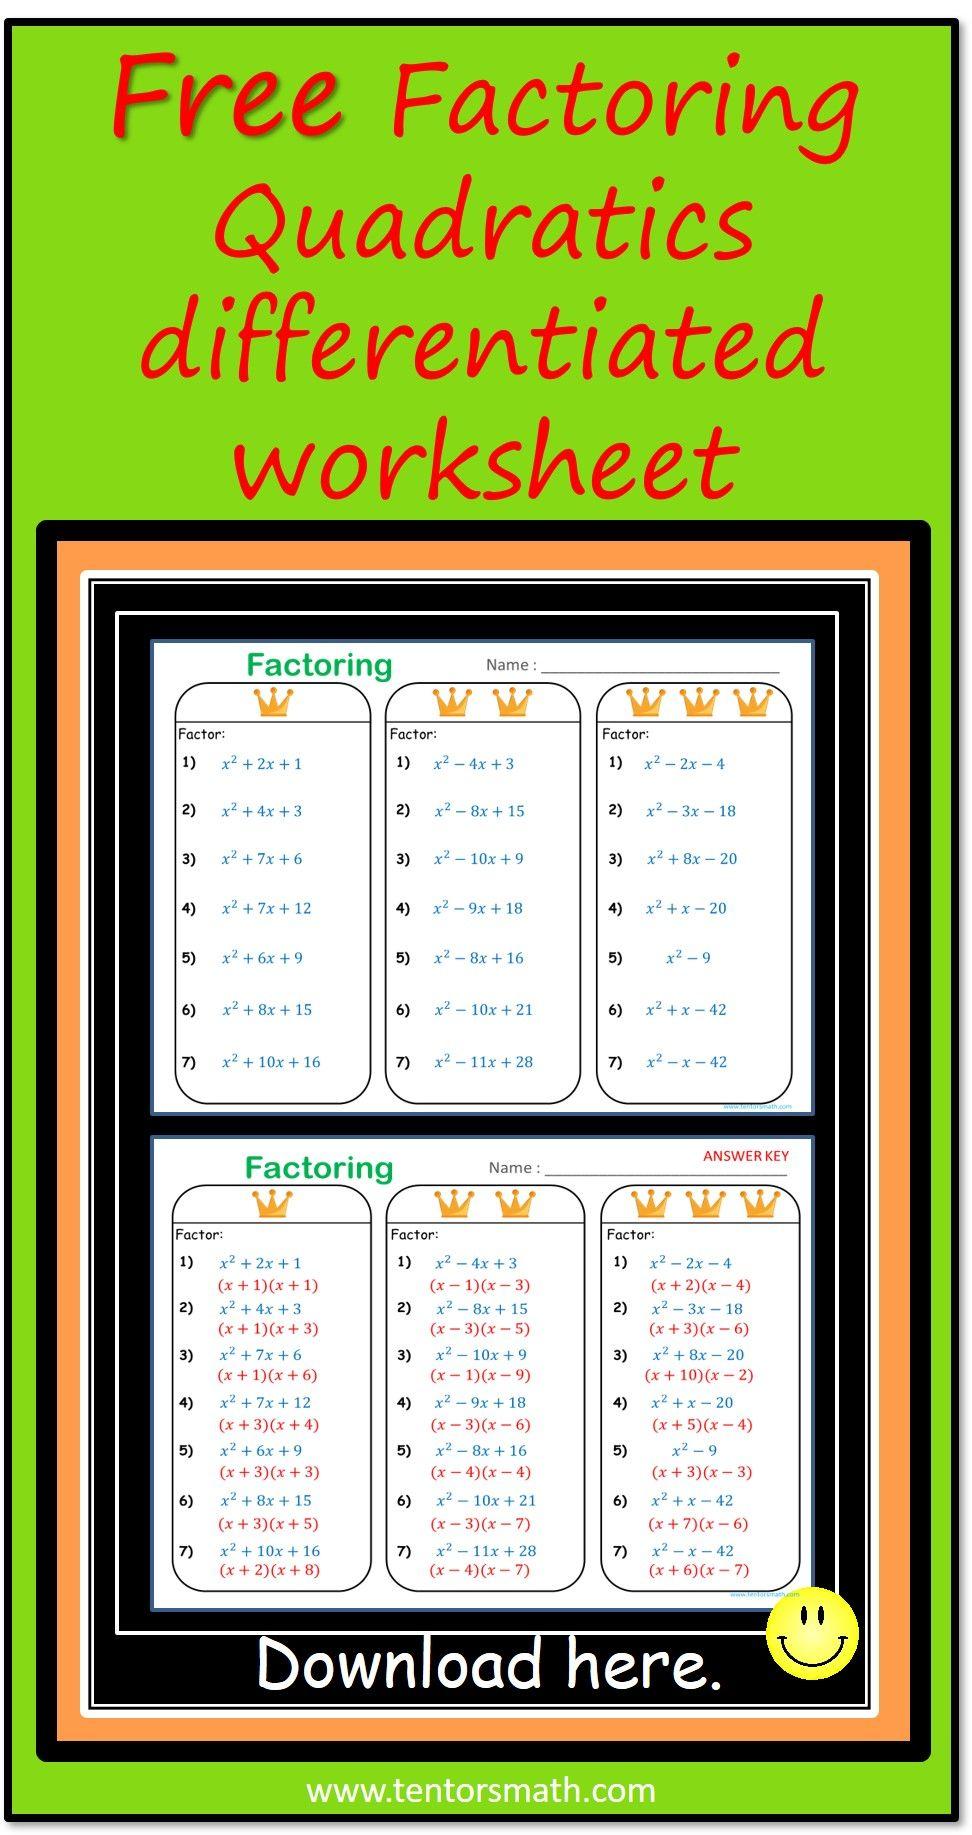 Factoring Quadratics Free Differentiated Worksheet Factoring Quadratics Quadratics Teacher Created Resources